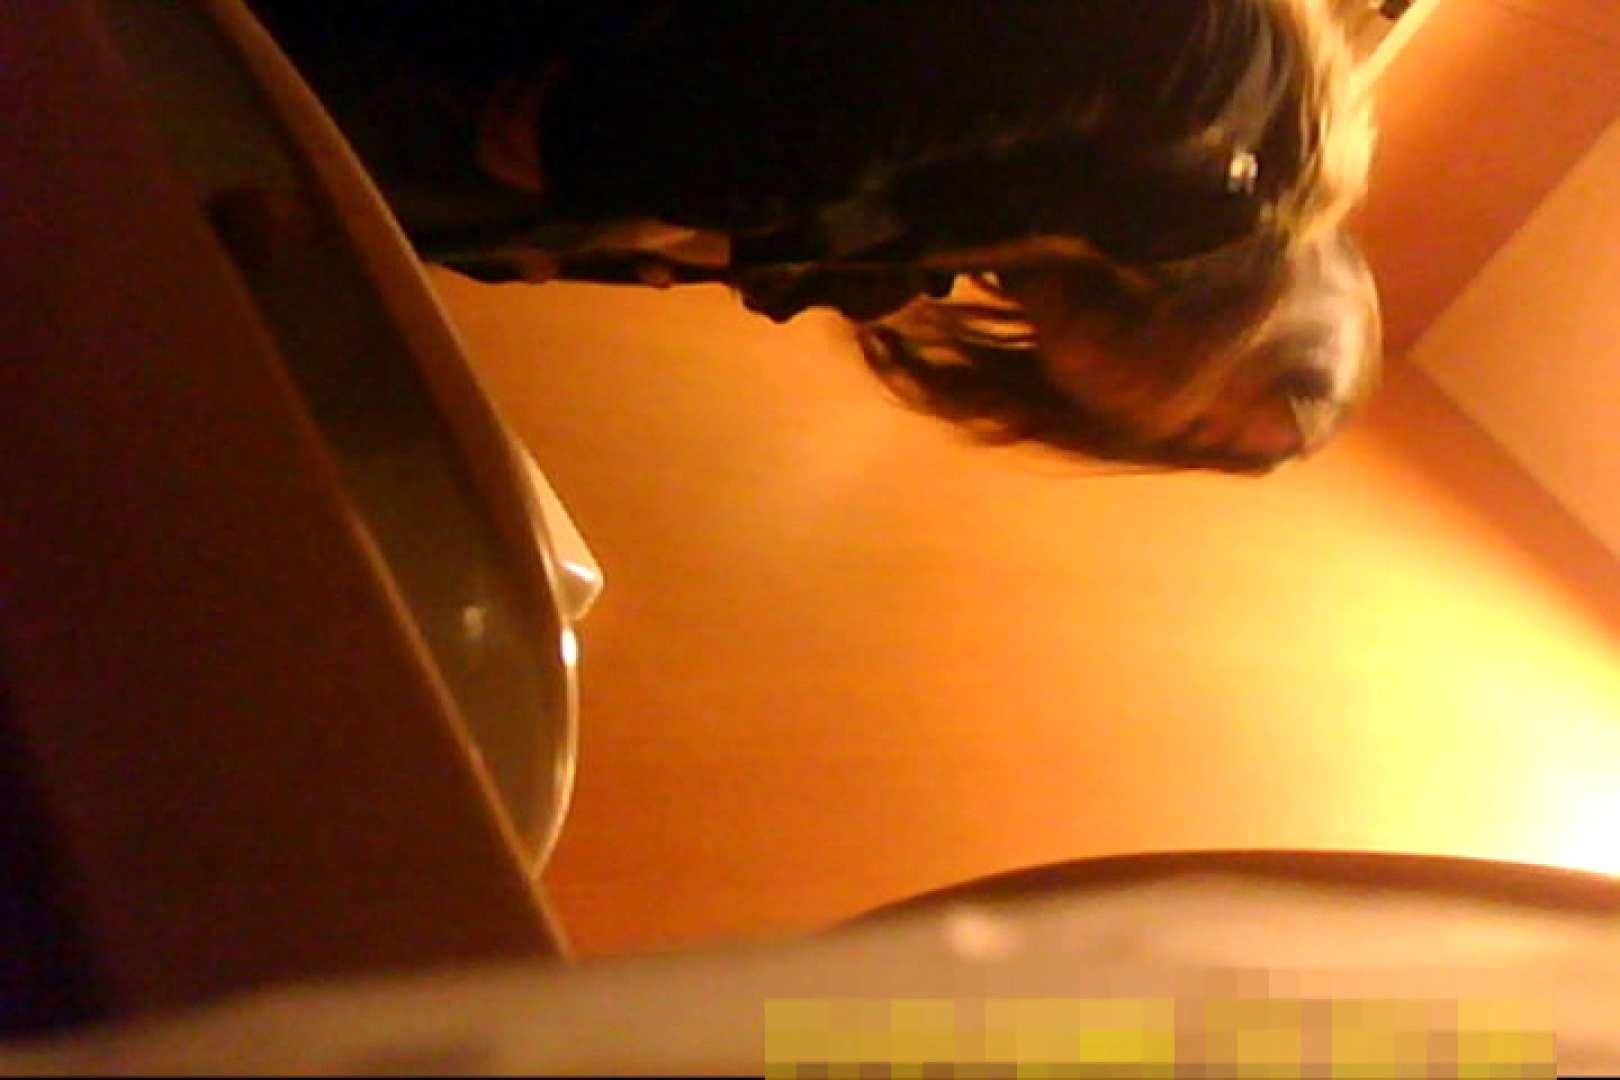 魅惑の化粧室~禁断のプライベート空間~vol.7 プライベート   独身エッチOL  89pic 3